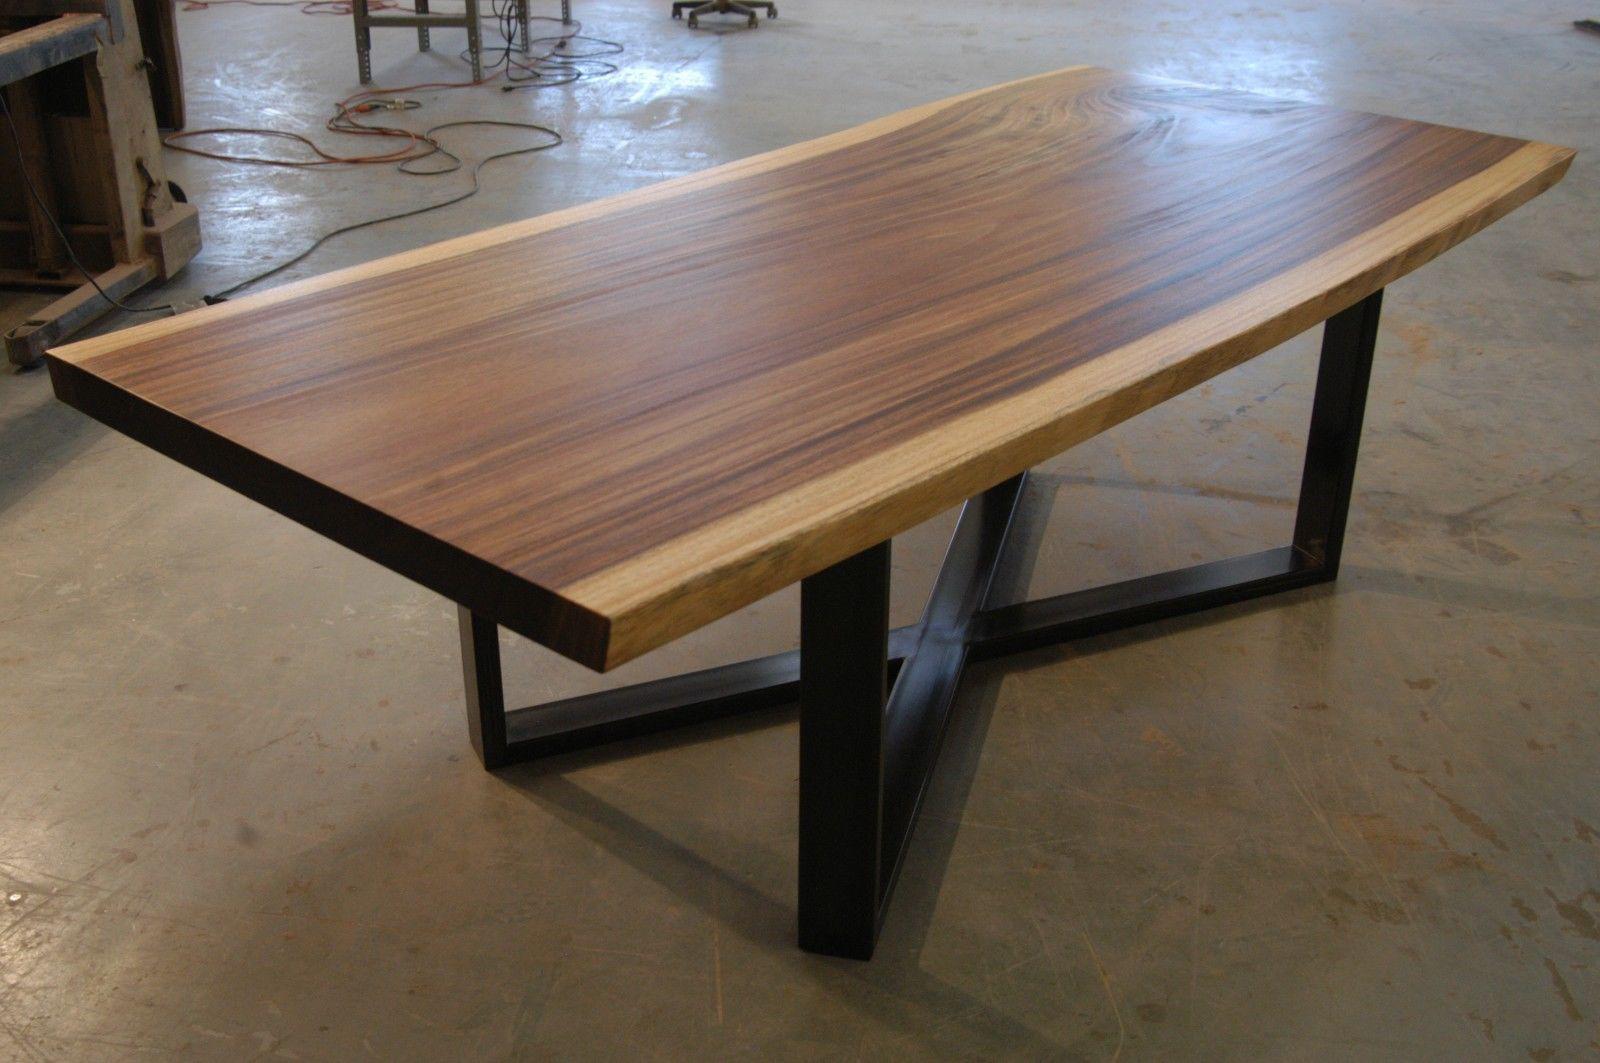 Reclaimed monkeypod slab dining table with cross leg bjorling grant monkeypodabdiningxleg4g watchthetrailerfo